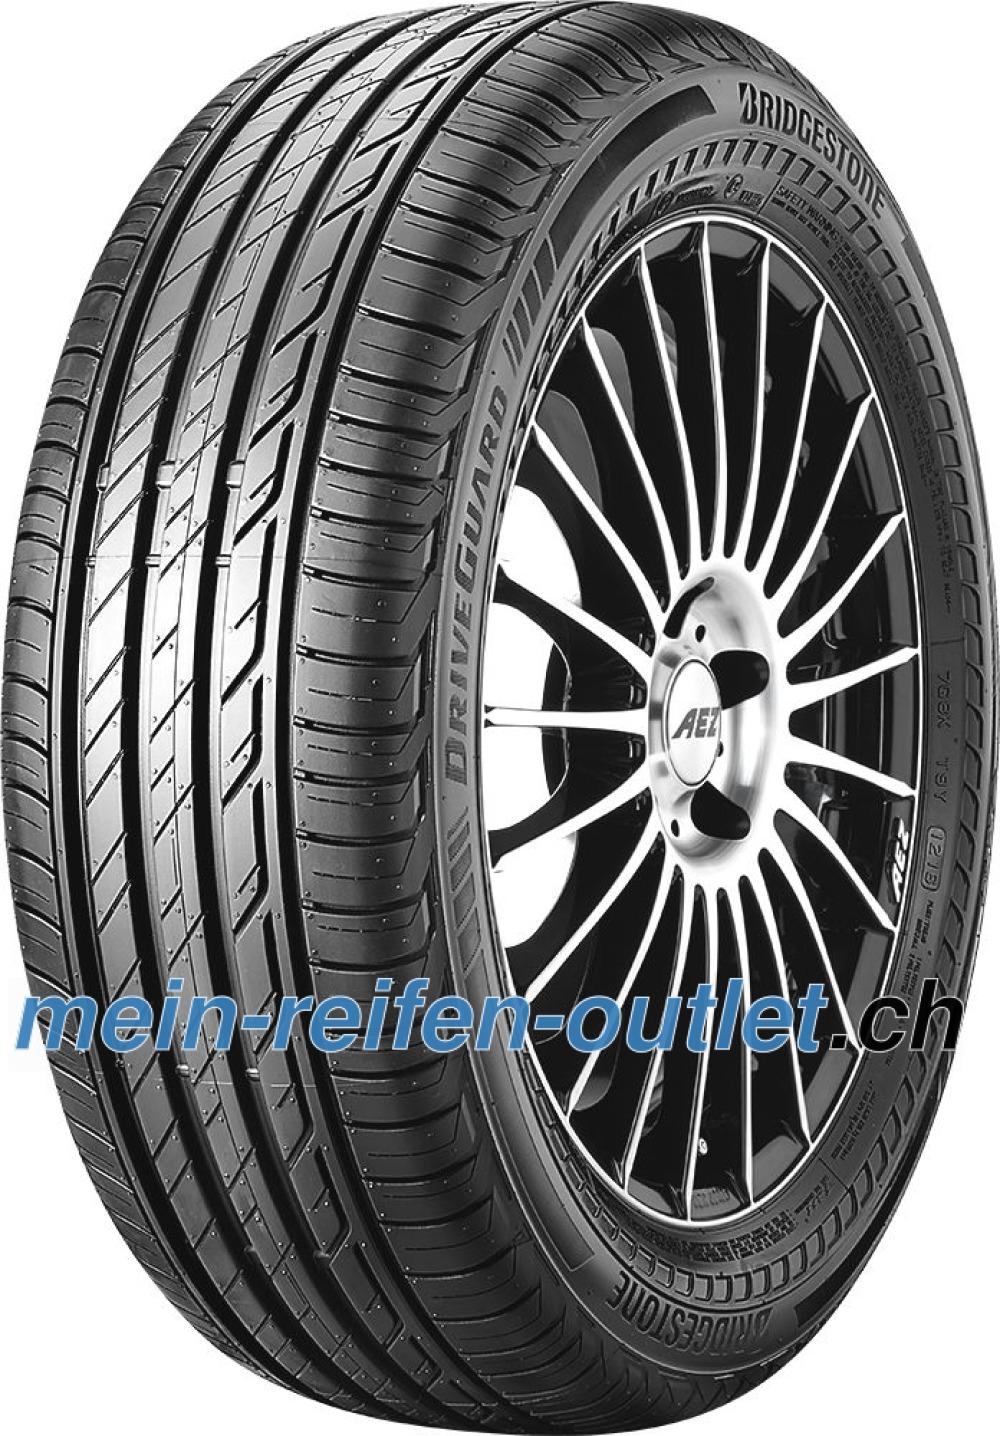 Bridgestone DriveGuard RFT ( 195/55 R16 91V XL runflat, DriveGuard )